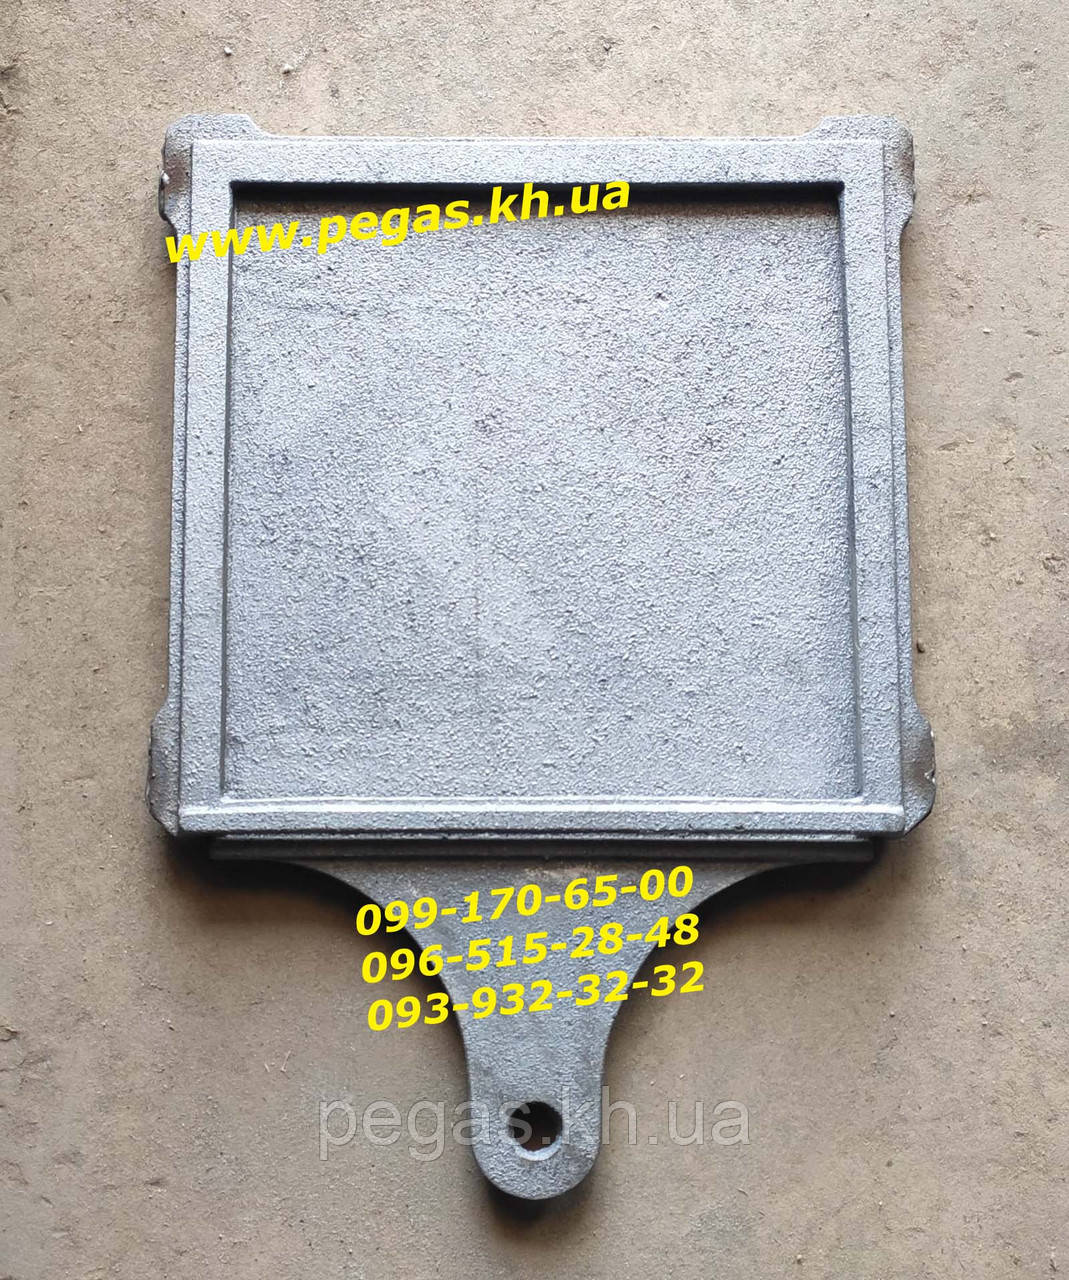 Засувка чавунна заслінка грубна (300х300 мм) печі, барбекю, мангал